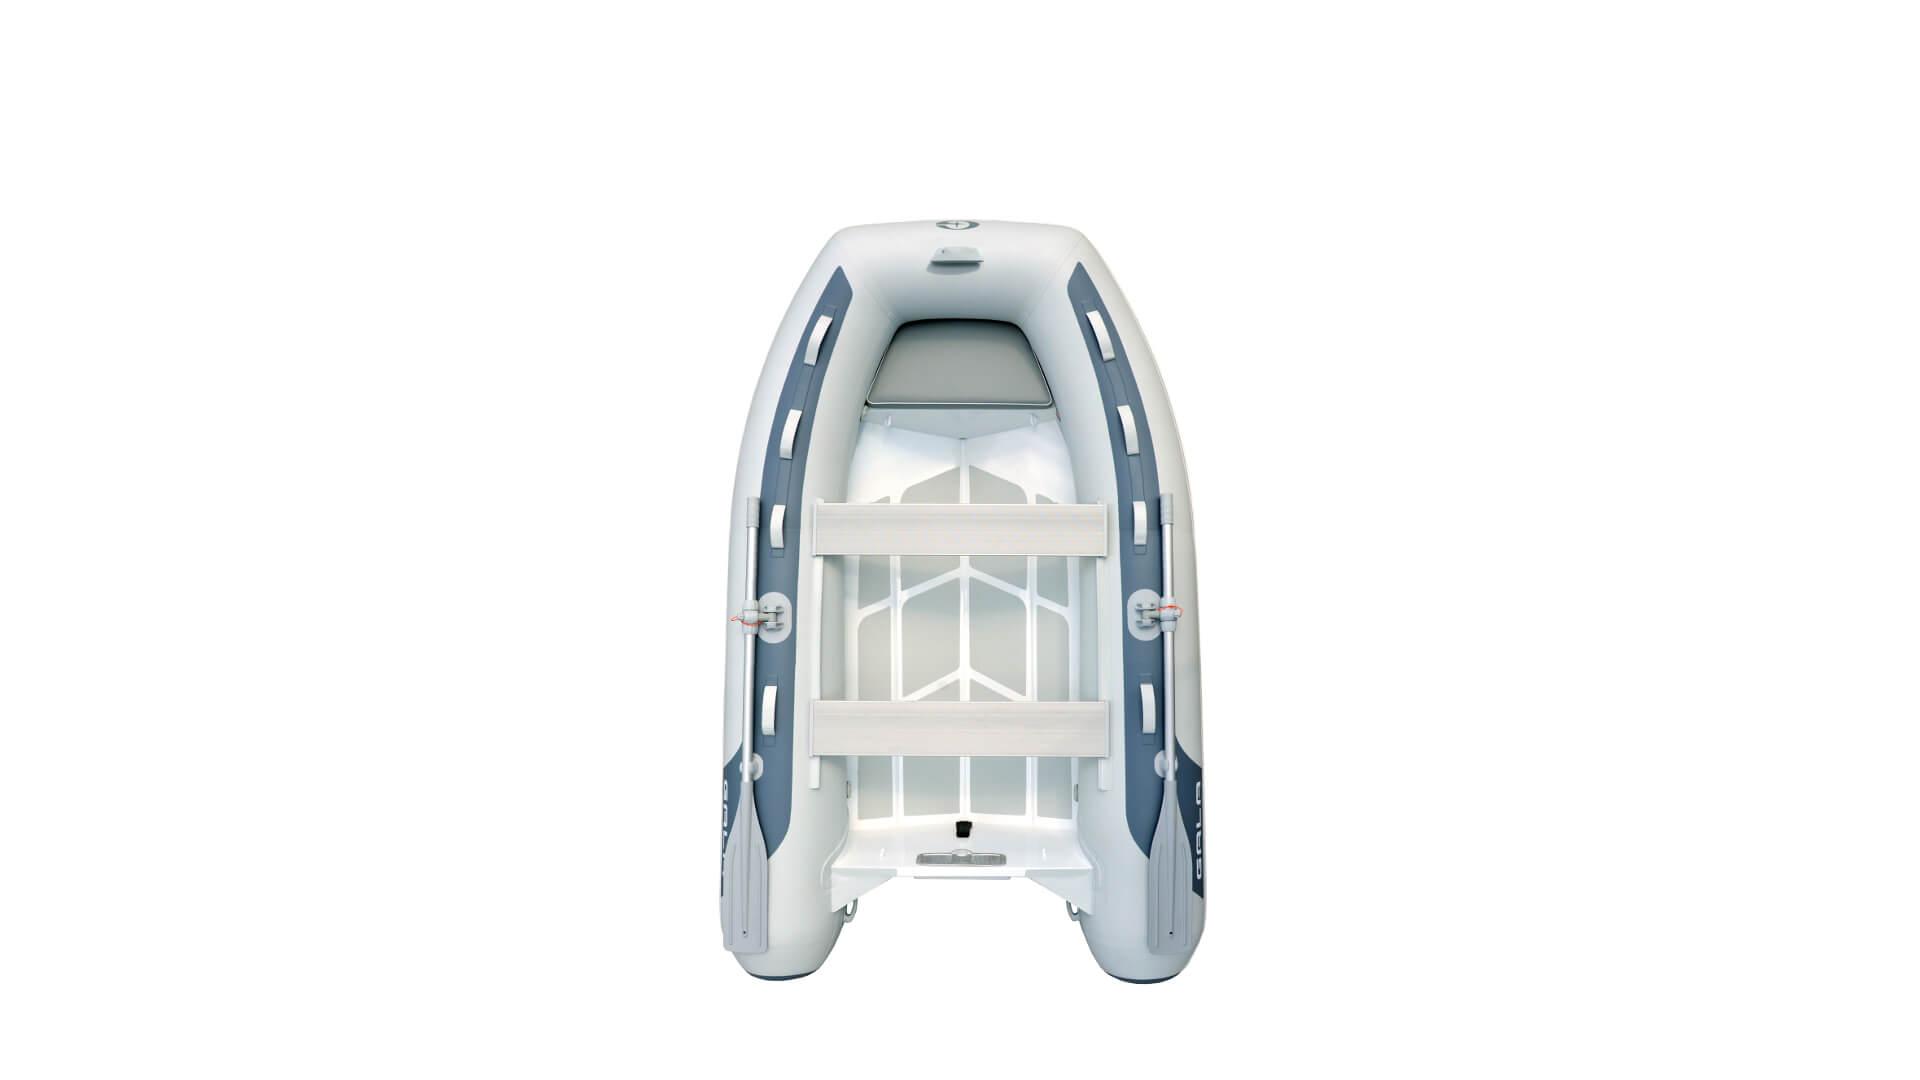 Надувная лодка с жестким алюминиевым дном GALA Atlantis A270, Надувная лодка с жестким дном GALA Atlantis A270, Надувная лодка с жестким дном GALA A270, Надувная лодка GALA A270 , Надувная лодка GALA A270, GALA A270, лодка с жестким дном, алюминиевый риб, алюминиевый RIB, RIB, тендерная лодка, тендер для яхты